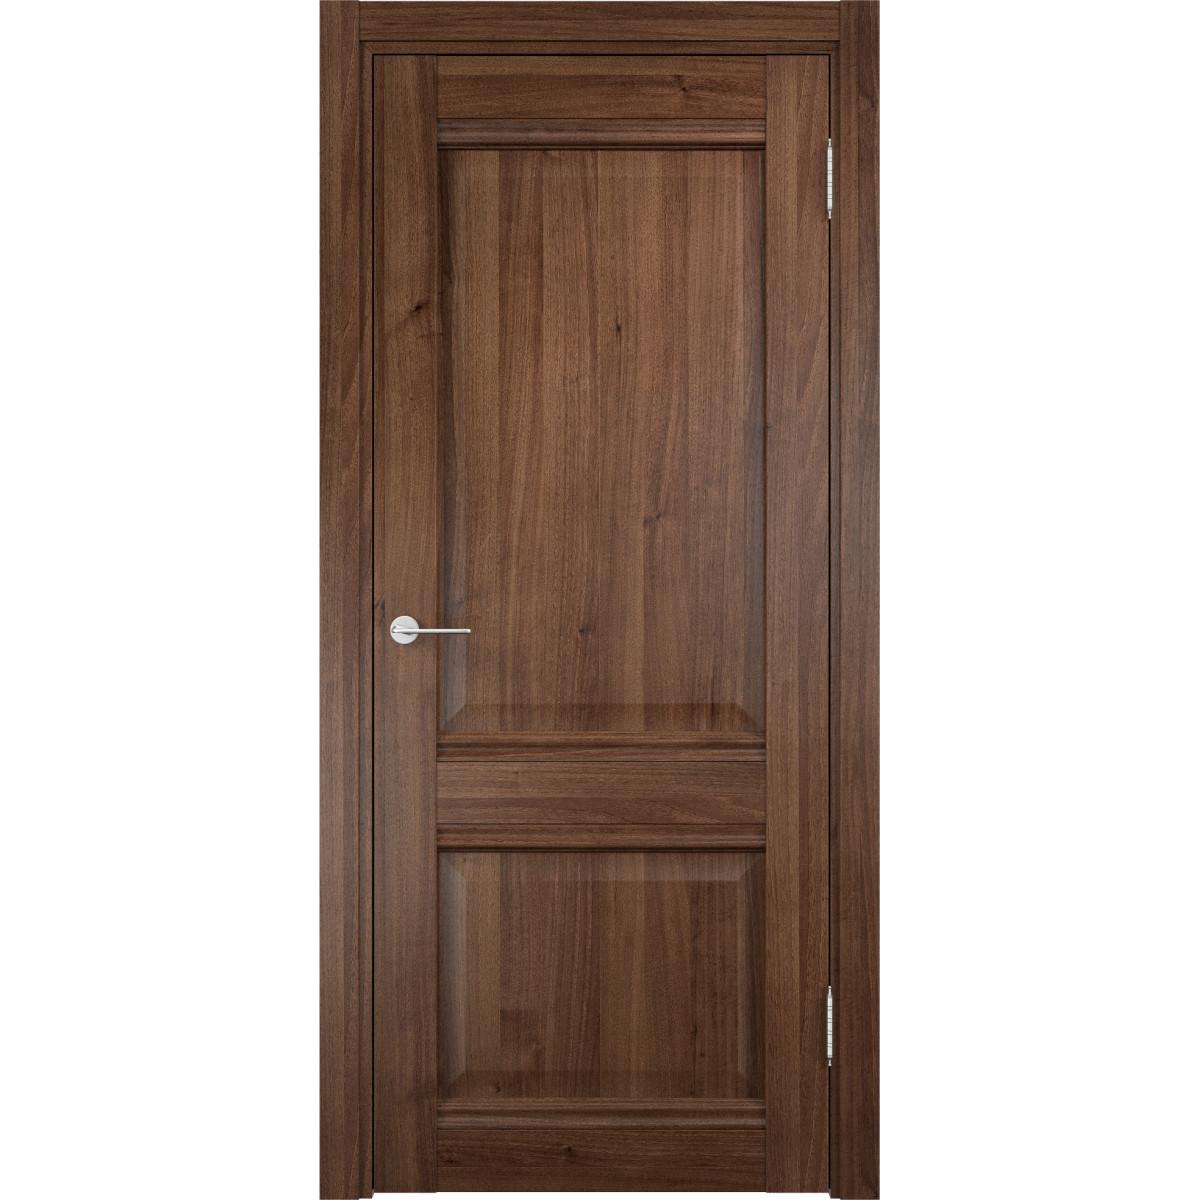 Дверное полотно Casaporte Милан МП_0172 2000х600х44 мм МДФ